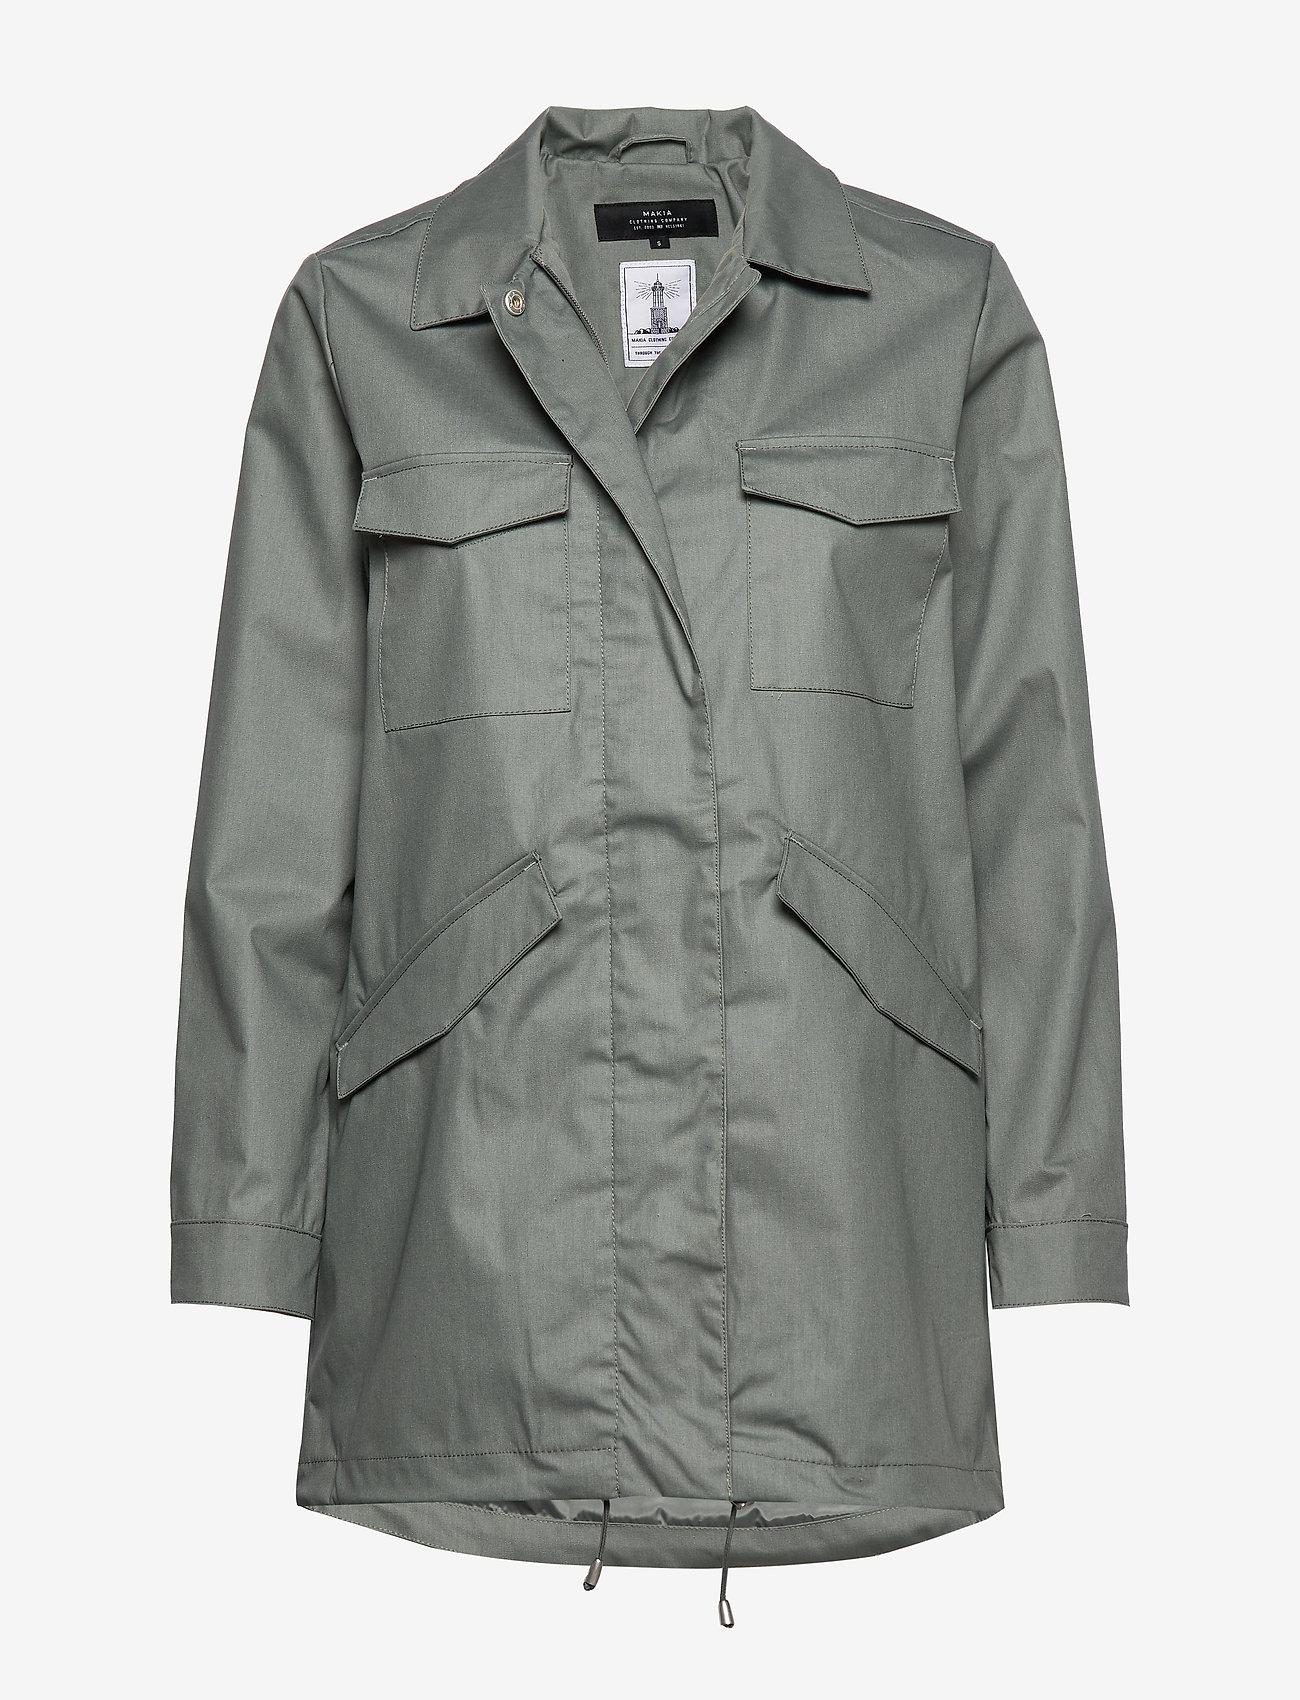 Makia - UTILITY JACKET - regnkläder - olive - 0